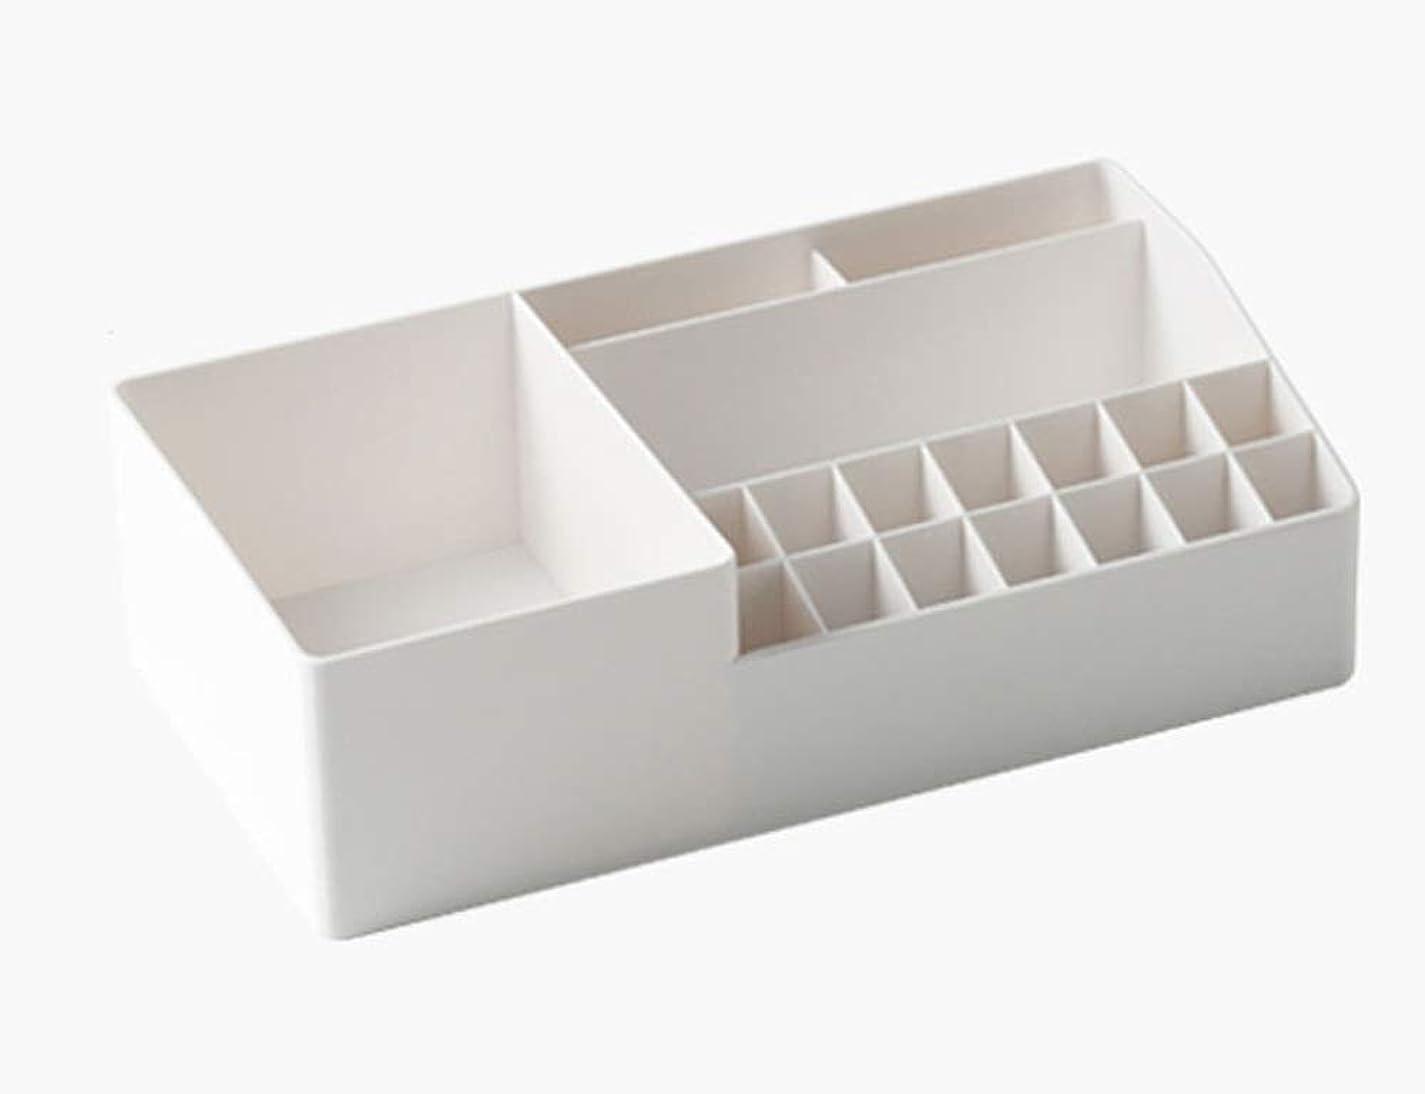 ライオン人柄定期的な分配トレイ化粧品収納ボックス家庭用口紅スキンケアブラシデスクトップ仕上げボックス安全で環境に優しい人体に無害、リサイクル可能 (Color : A storage box)